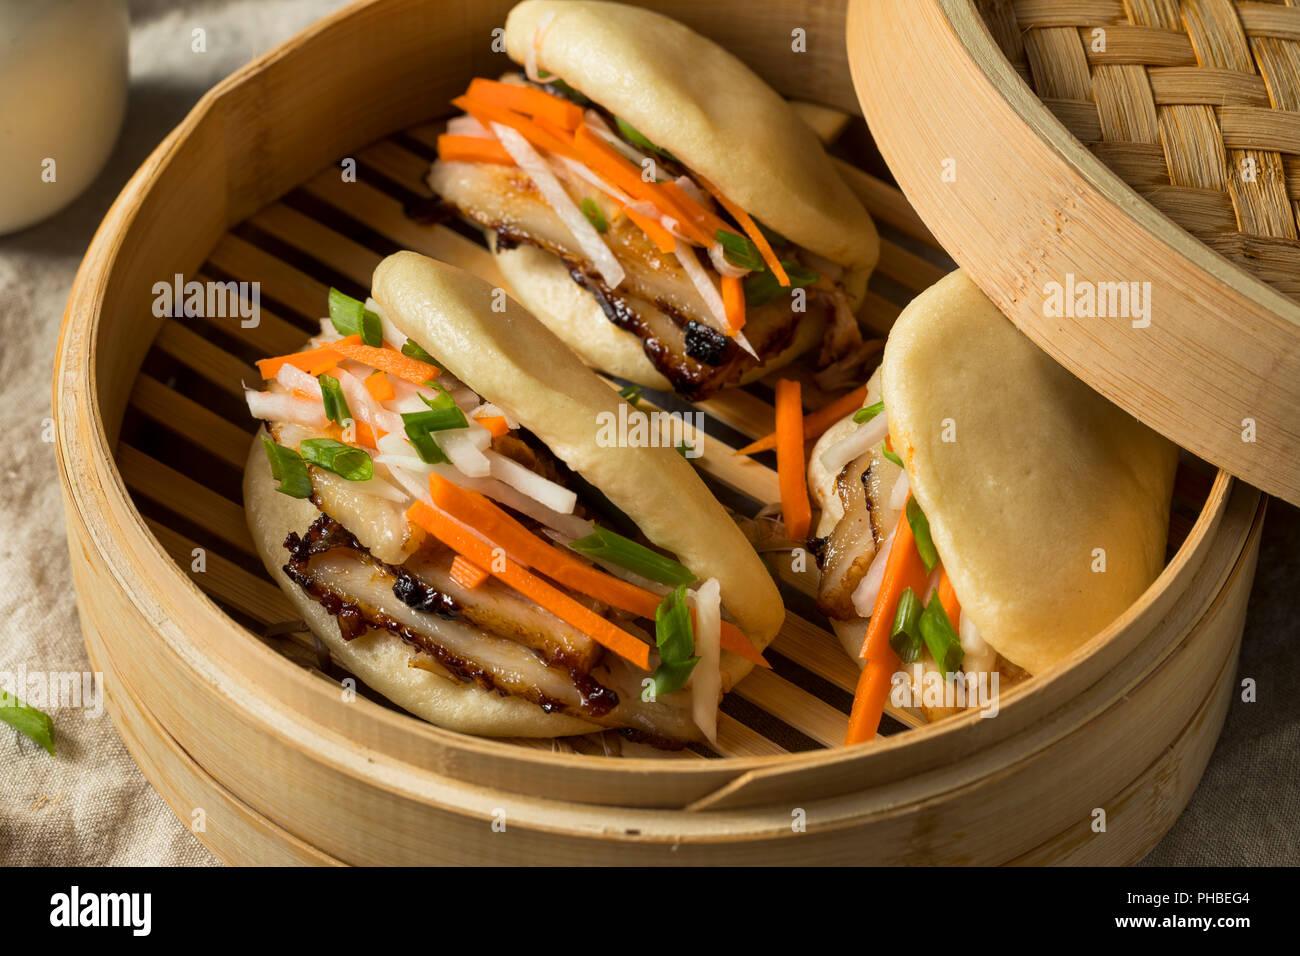 Flanc de porc cuit à la maison avec légumes brioches Bao Photo Stock